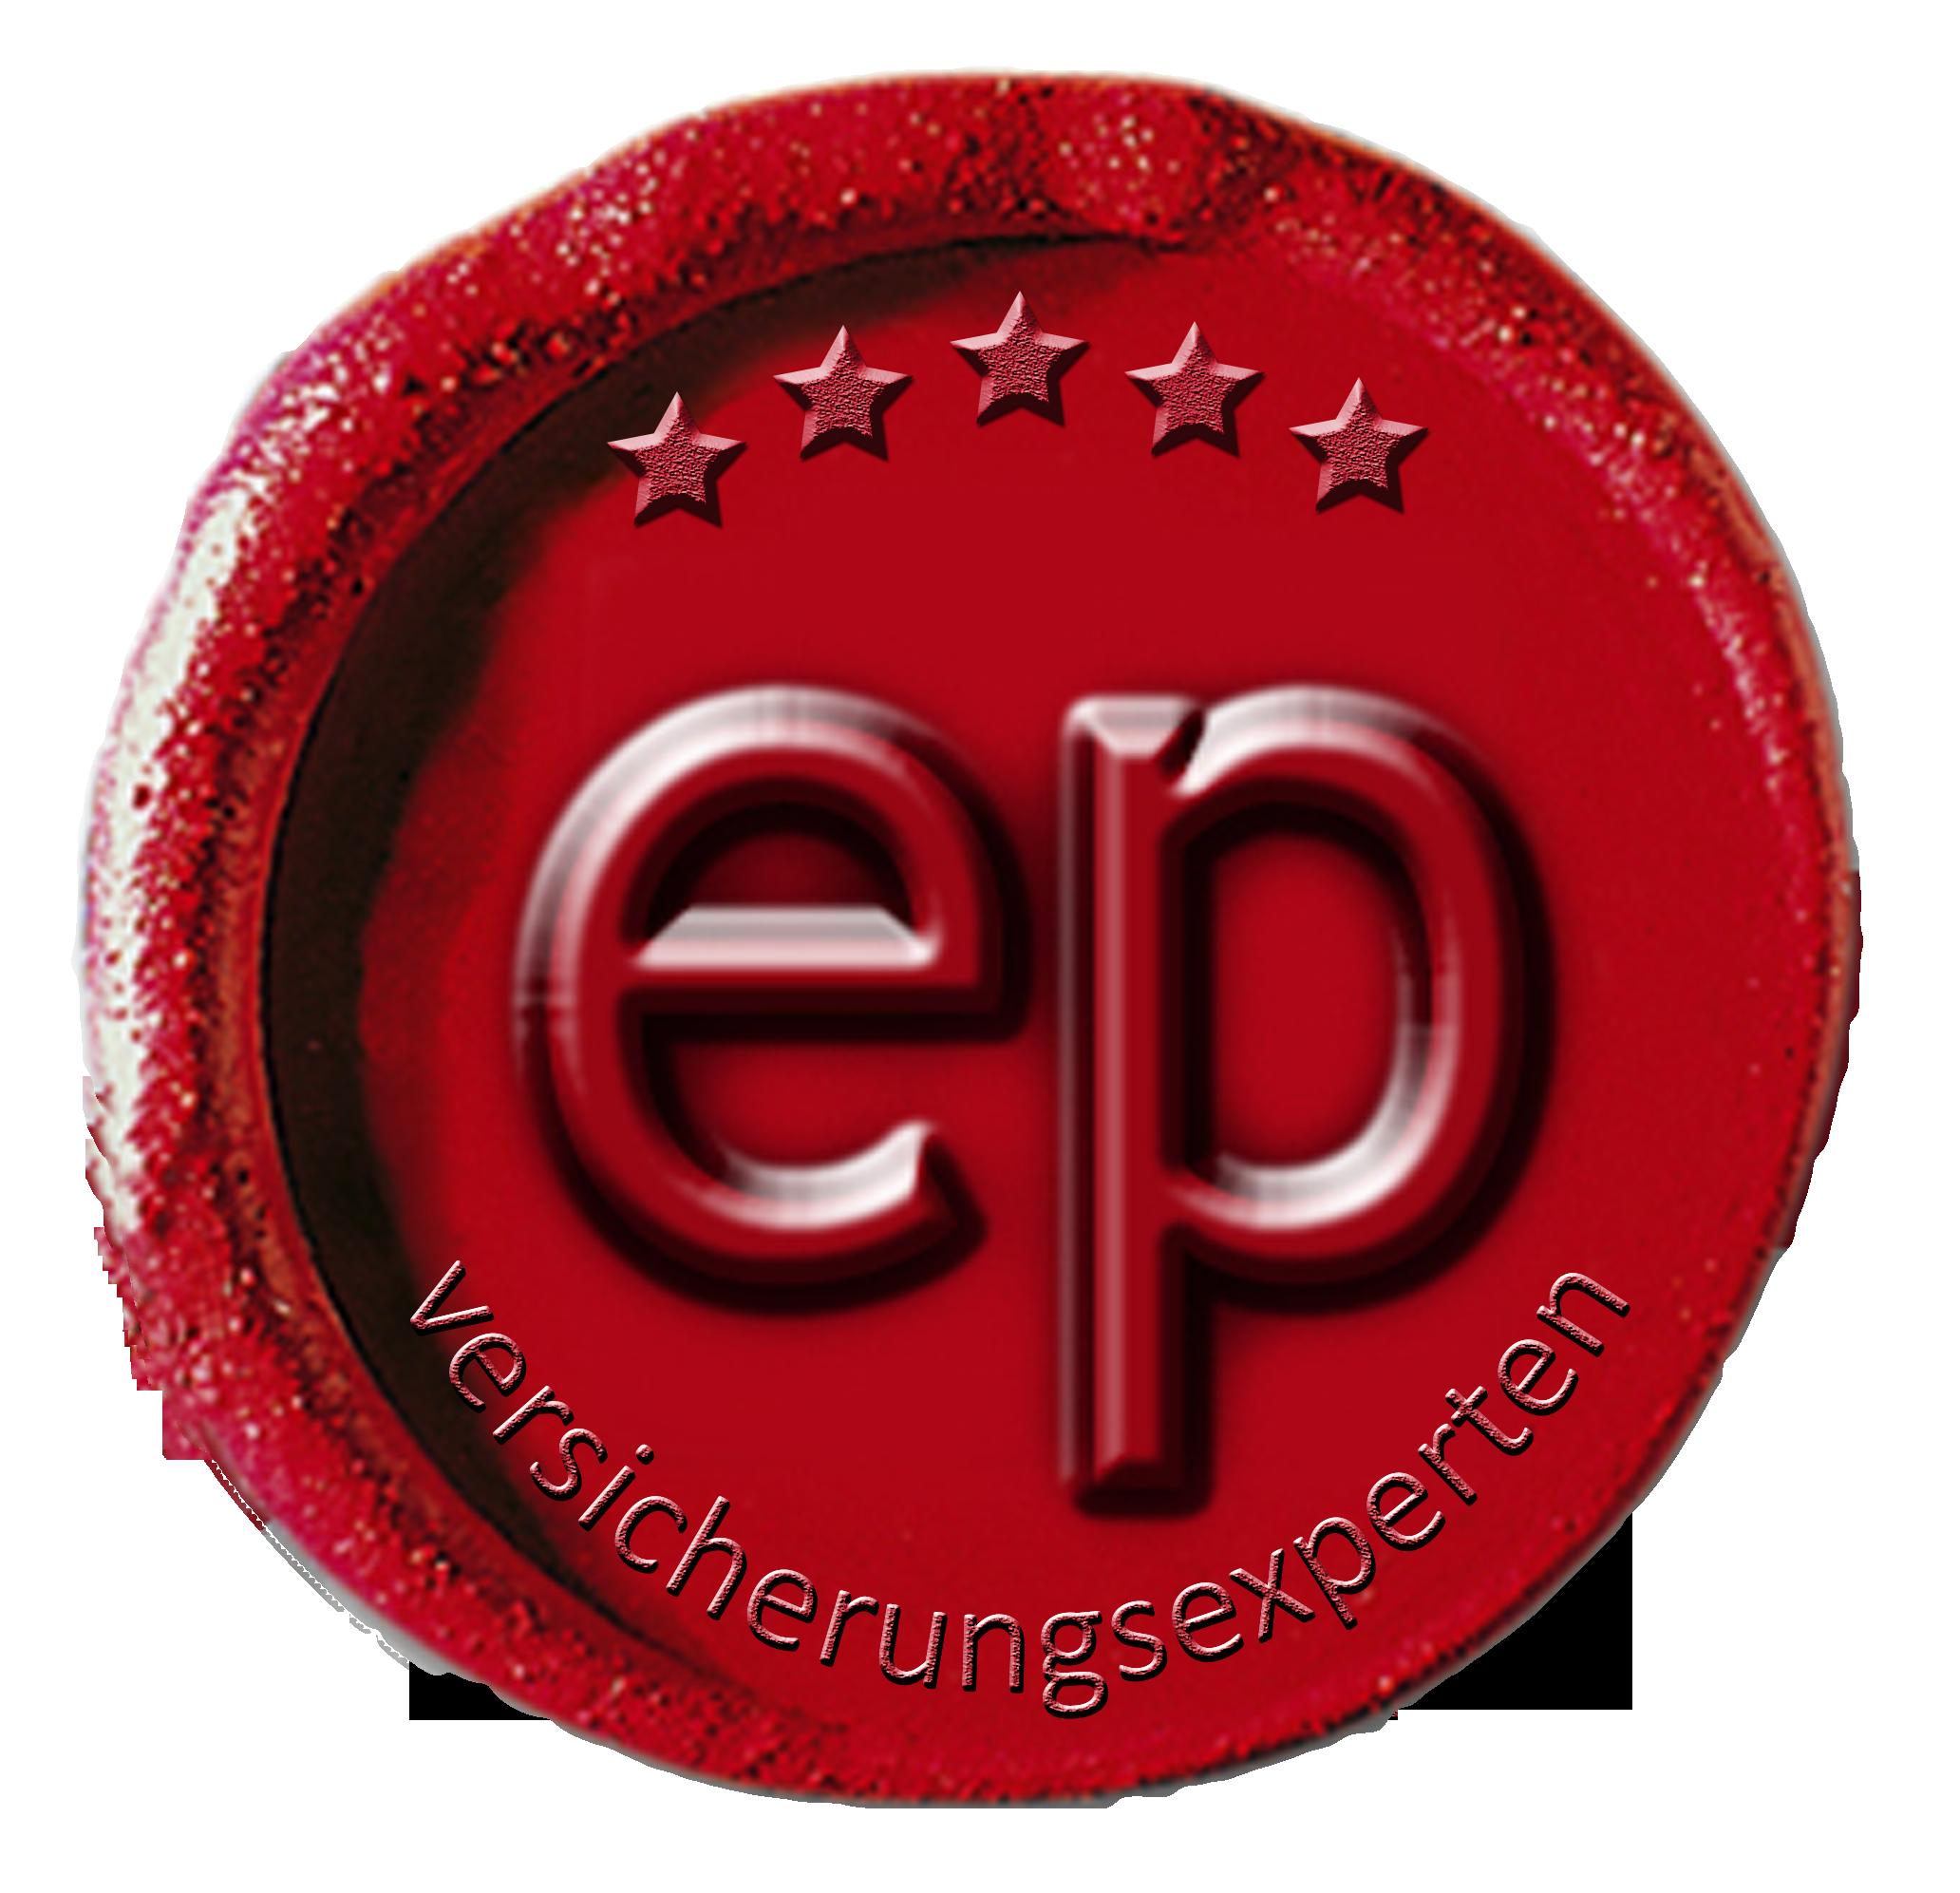 ep-versicherungsexperten | EP Versicherungsmakler Gmbh